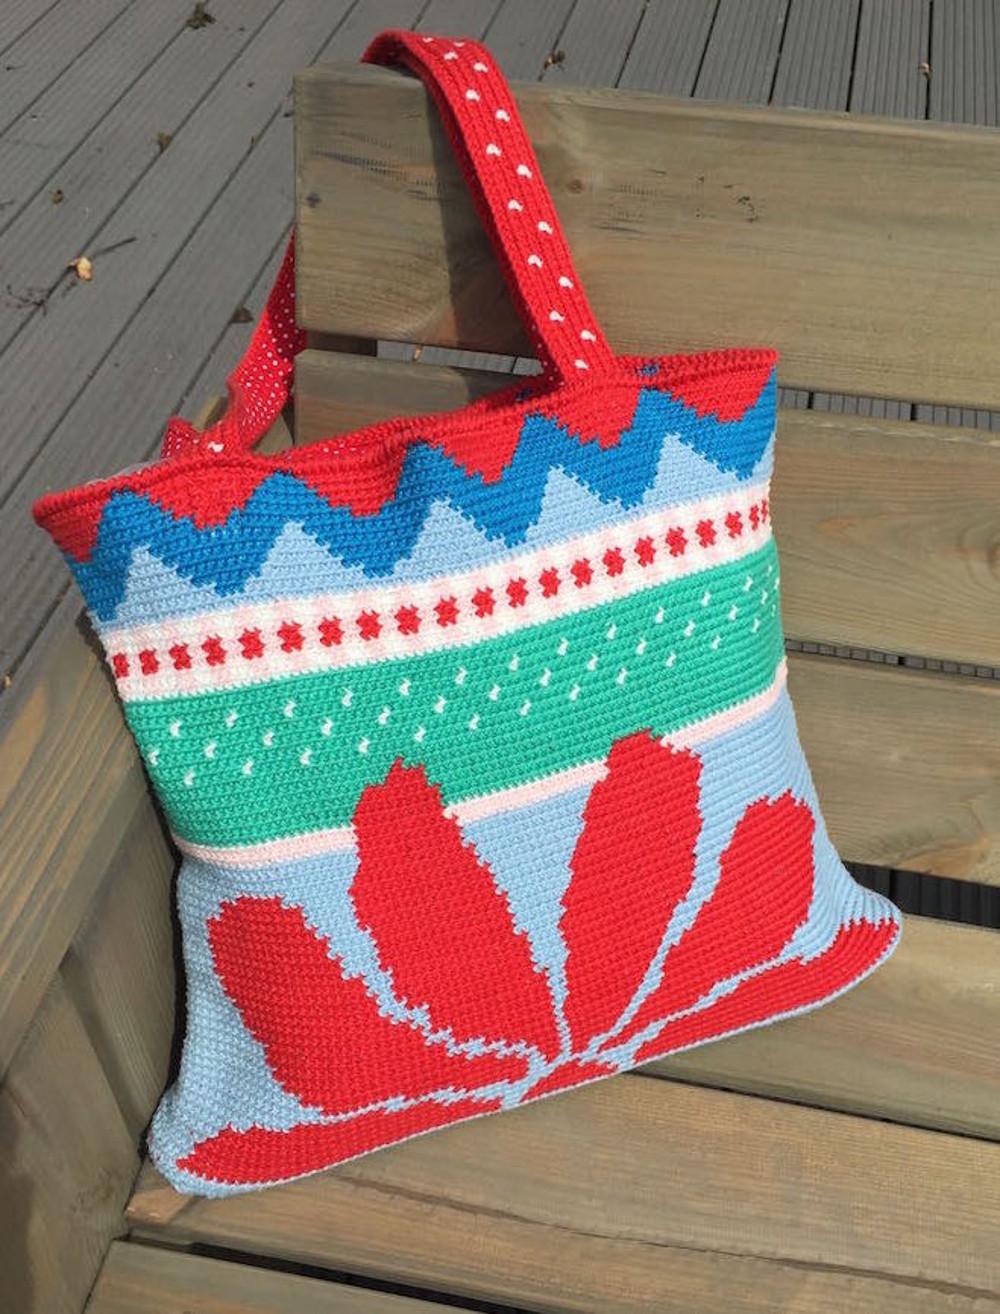 Madebyleen Blog Over Haken Crochet Blog Red Sunflower Bag